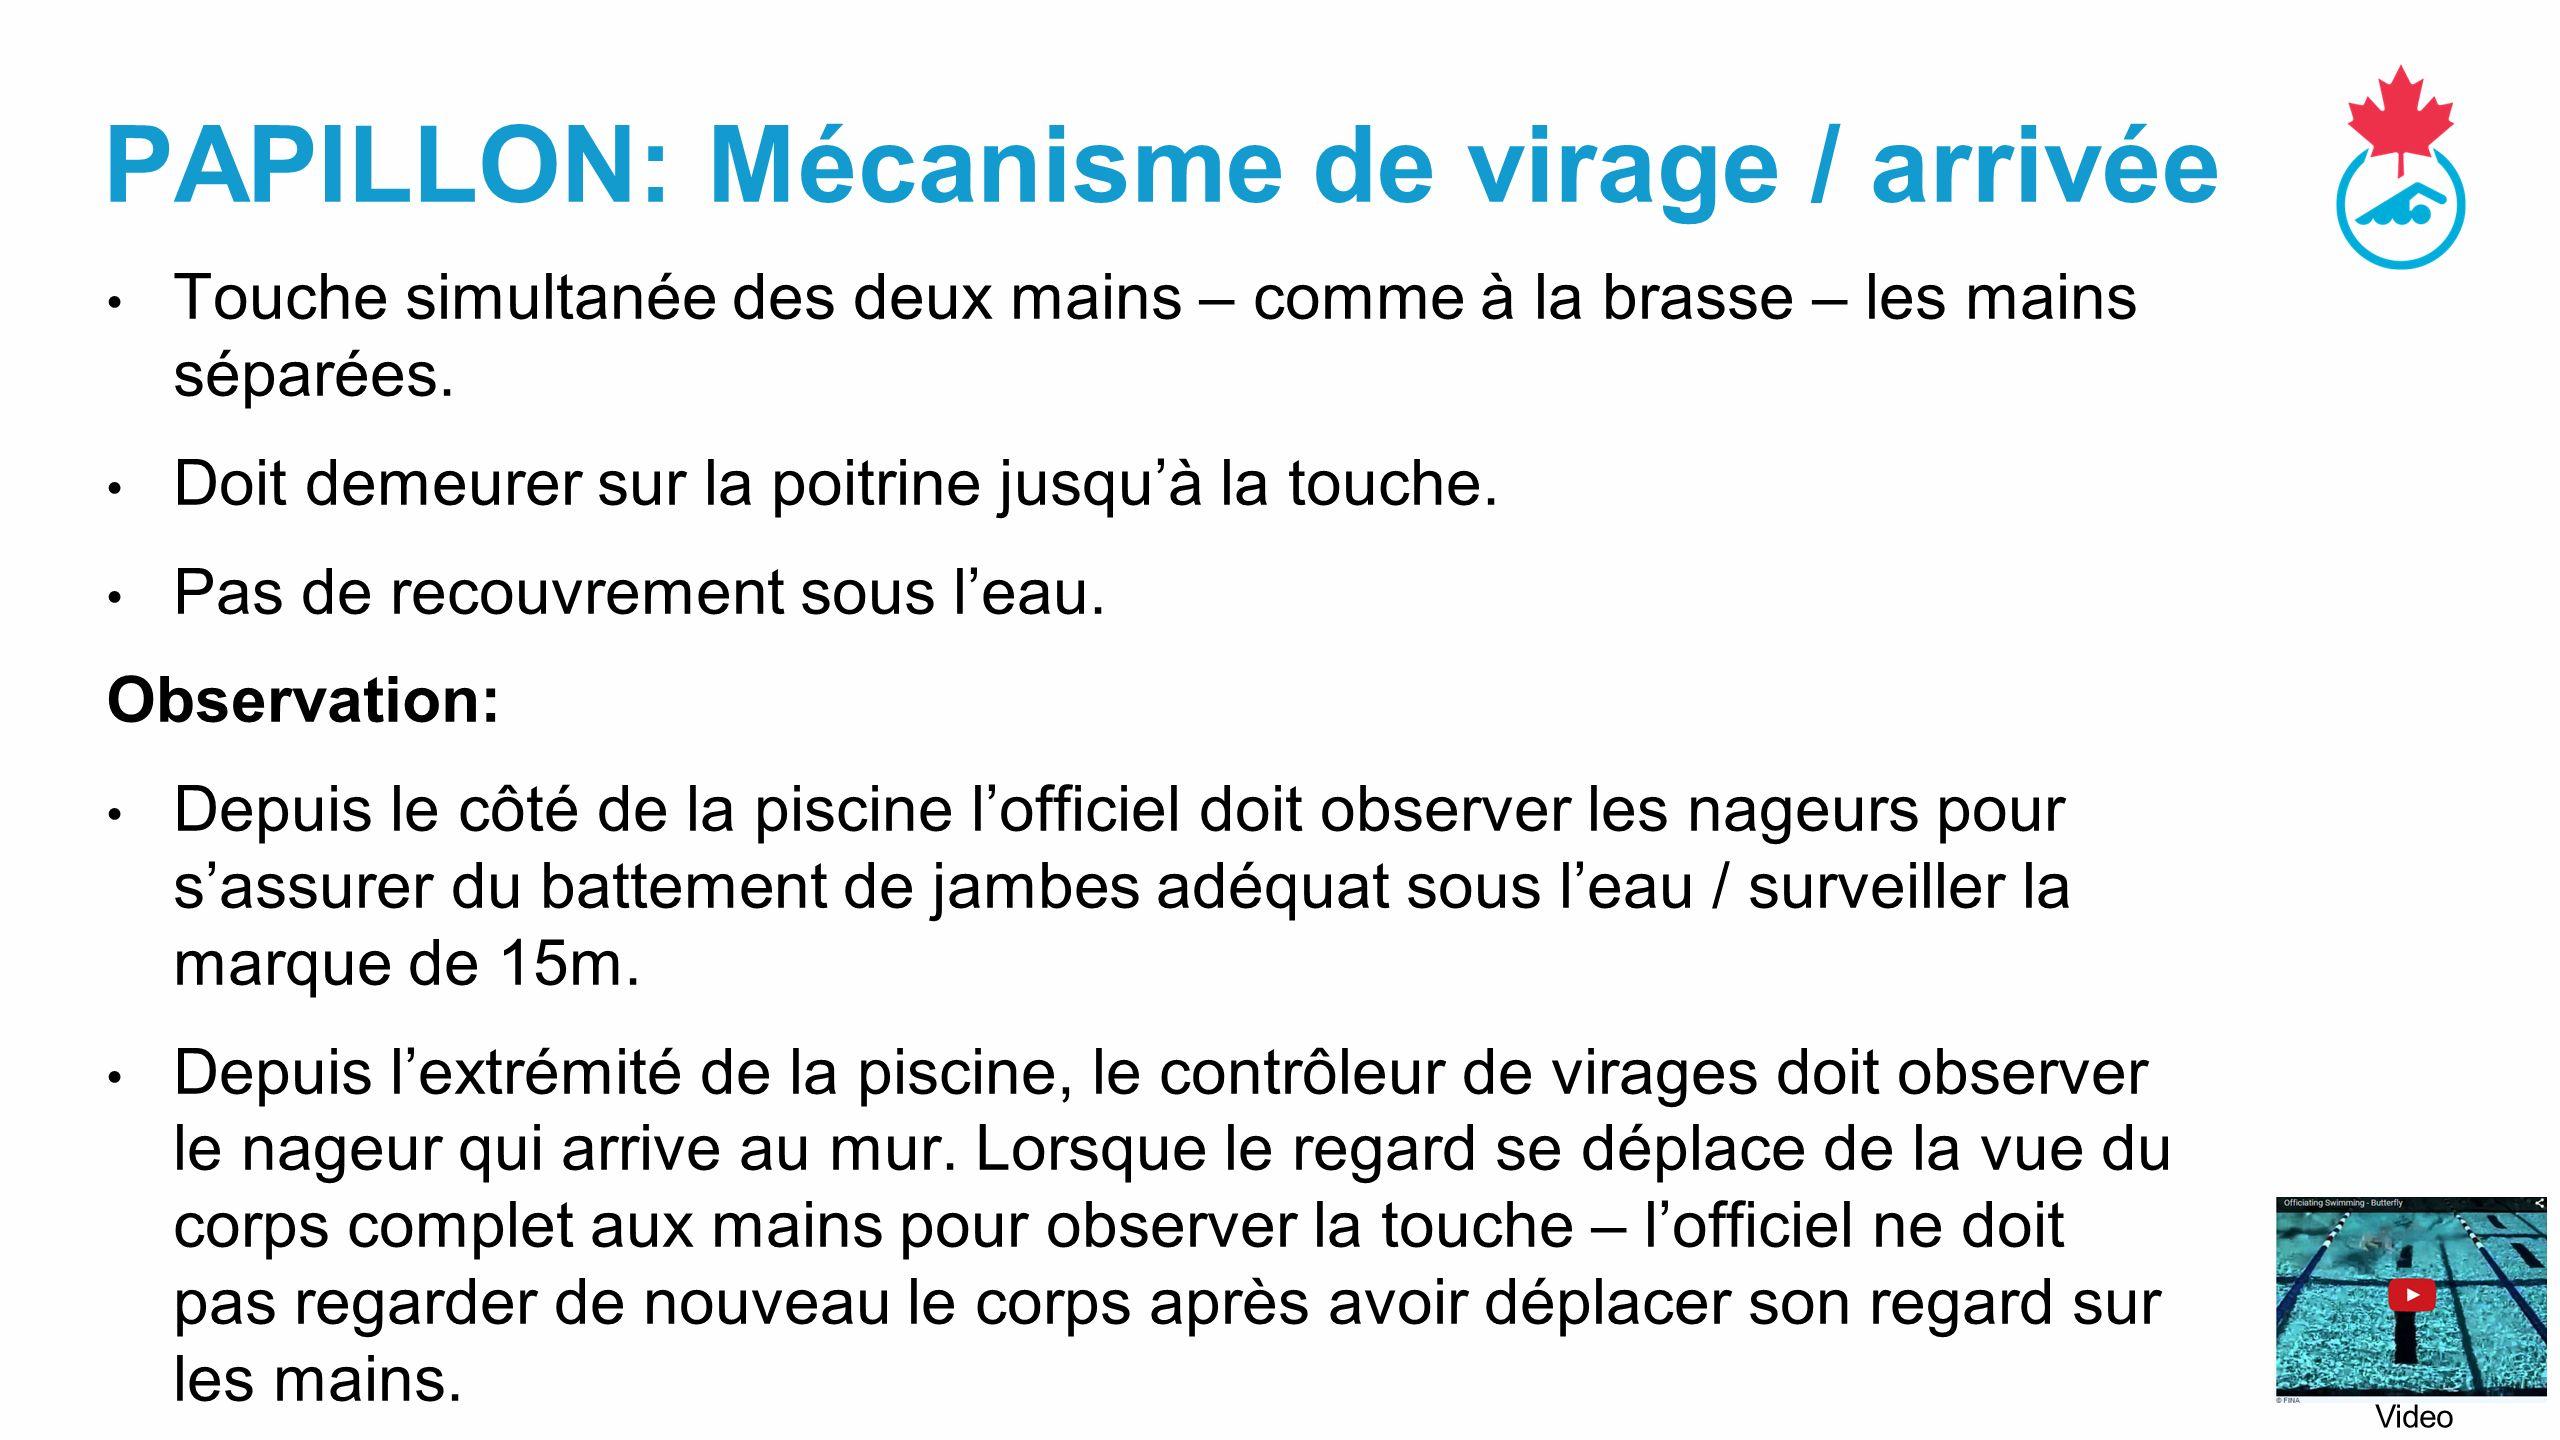 PAPILLON: Mécanisme de virage / arrivée